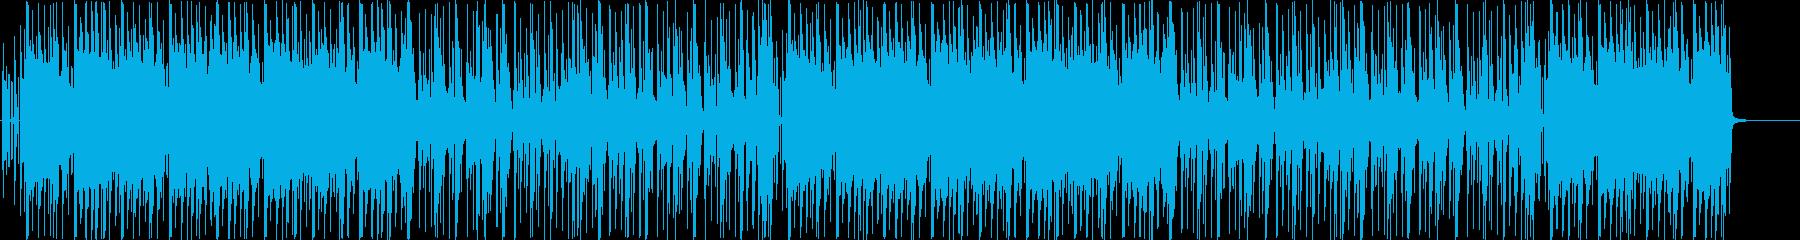 【掛声なし】和楽器おしゃれヒップホップの再生済みの波形